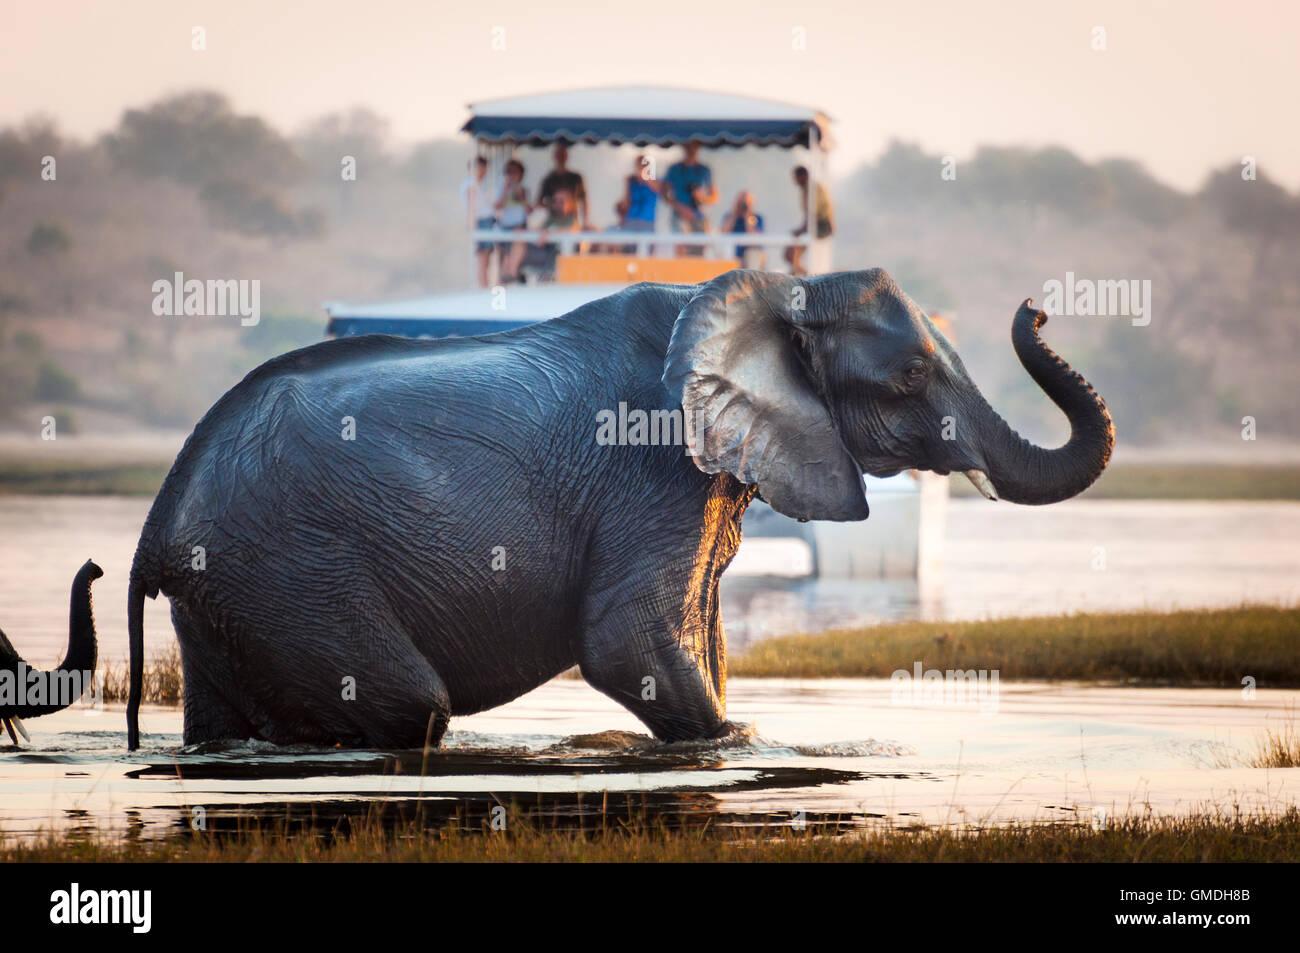 Viendo a un turista cruzar un río de elefantes en el Parque Nacional Chobe en Botswana, África. Imagen De Stock